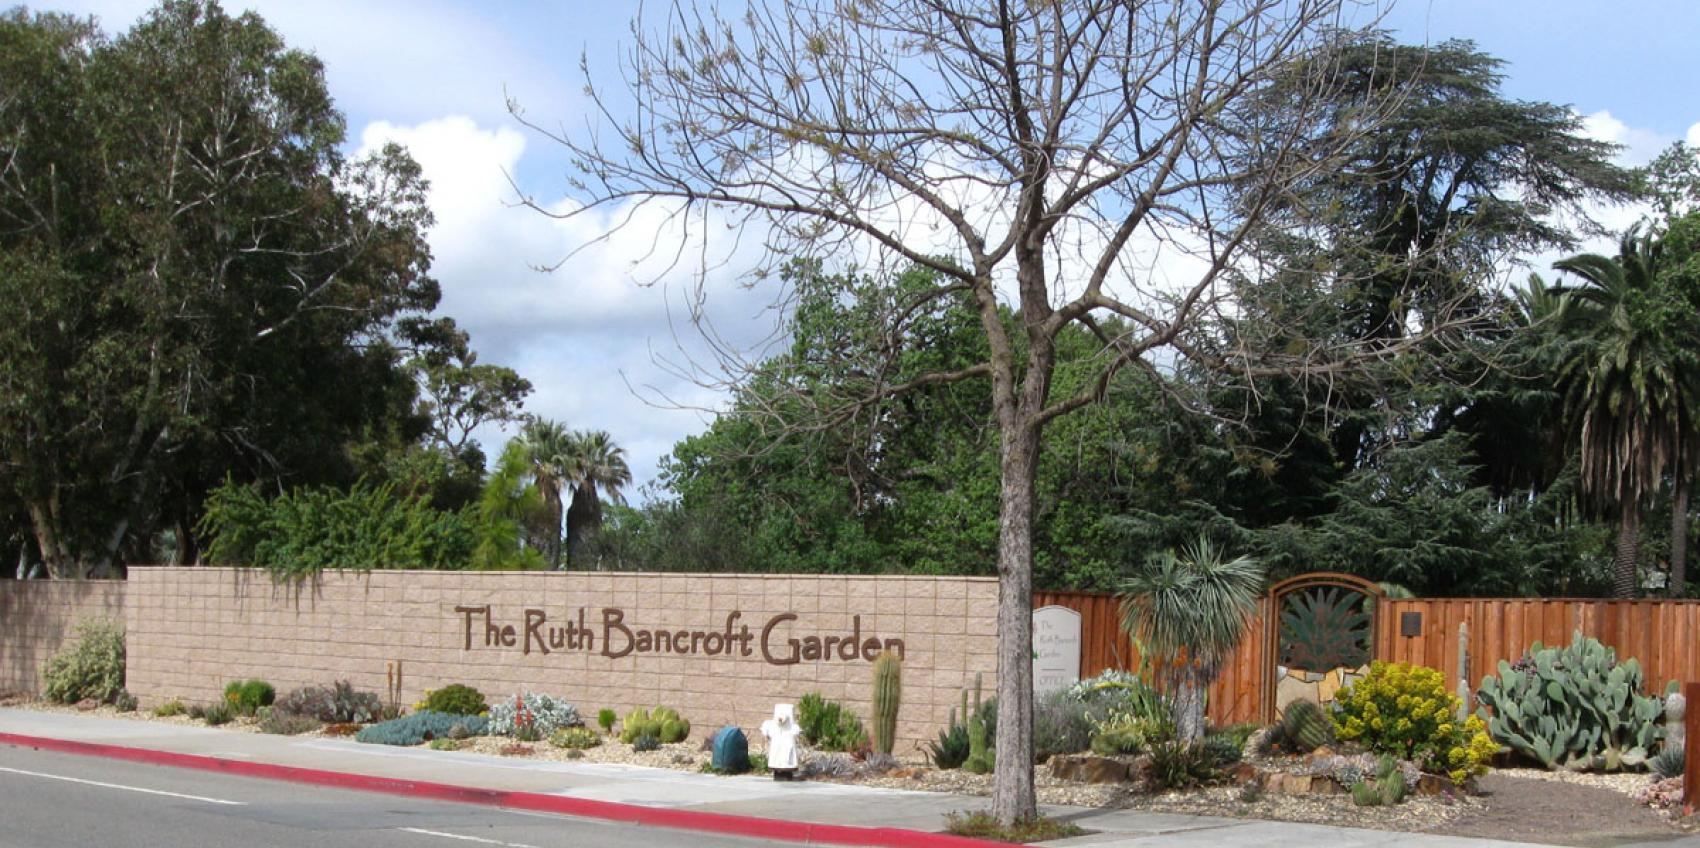 The Ruth Bancroft Garden American Public Gardens Association